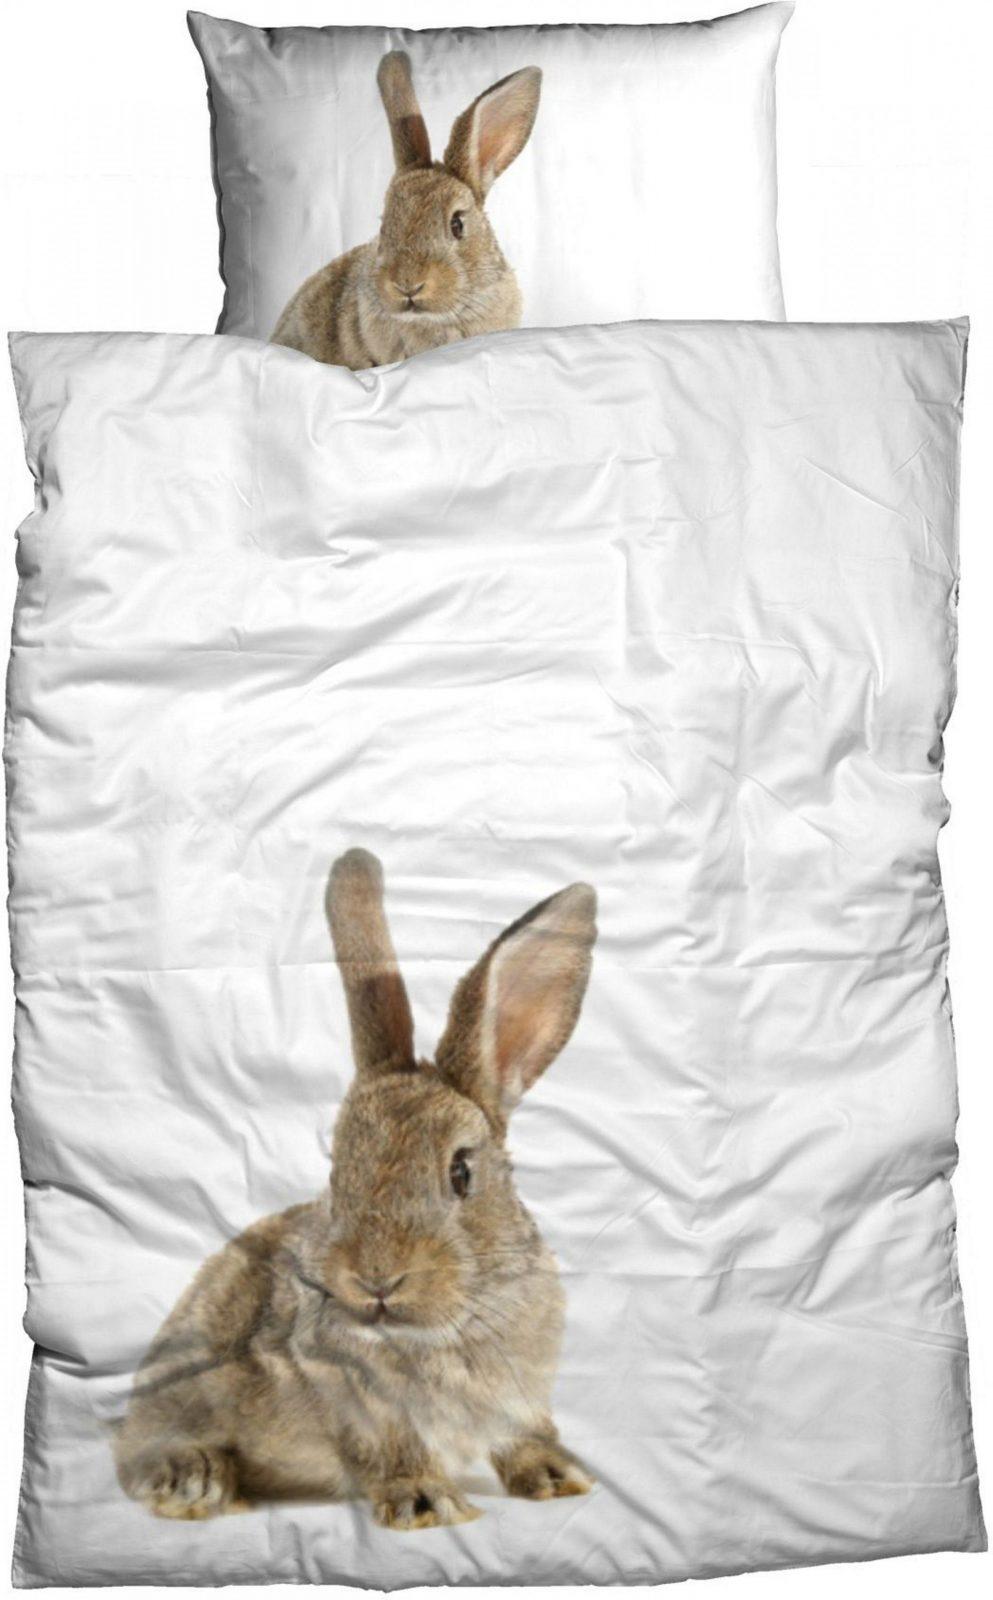 Bettwäsche Casatex Hase Großes Tiermotiv Bestellen  Baur von Bettwäsche Mit Tiermotiv Photo